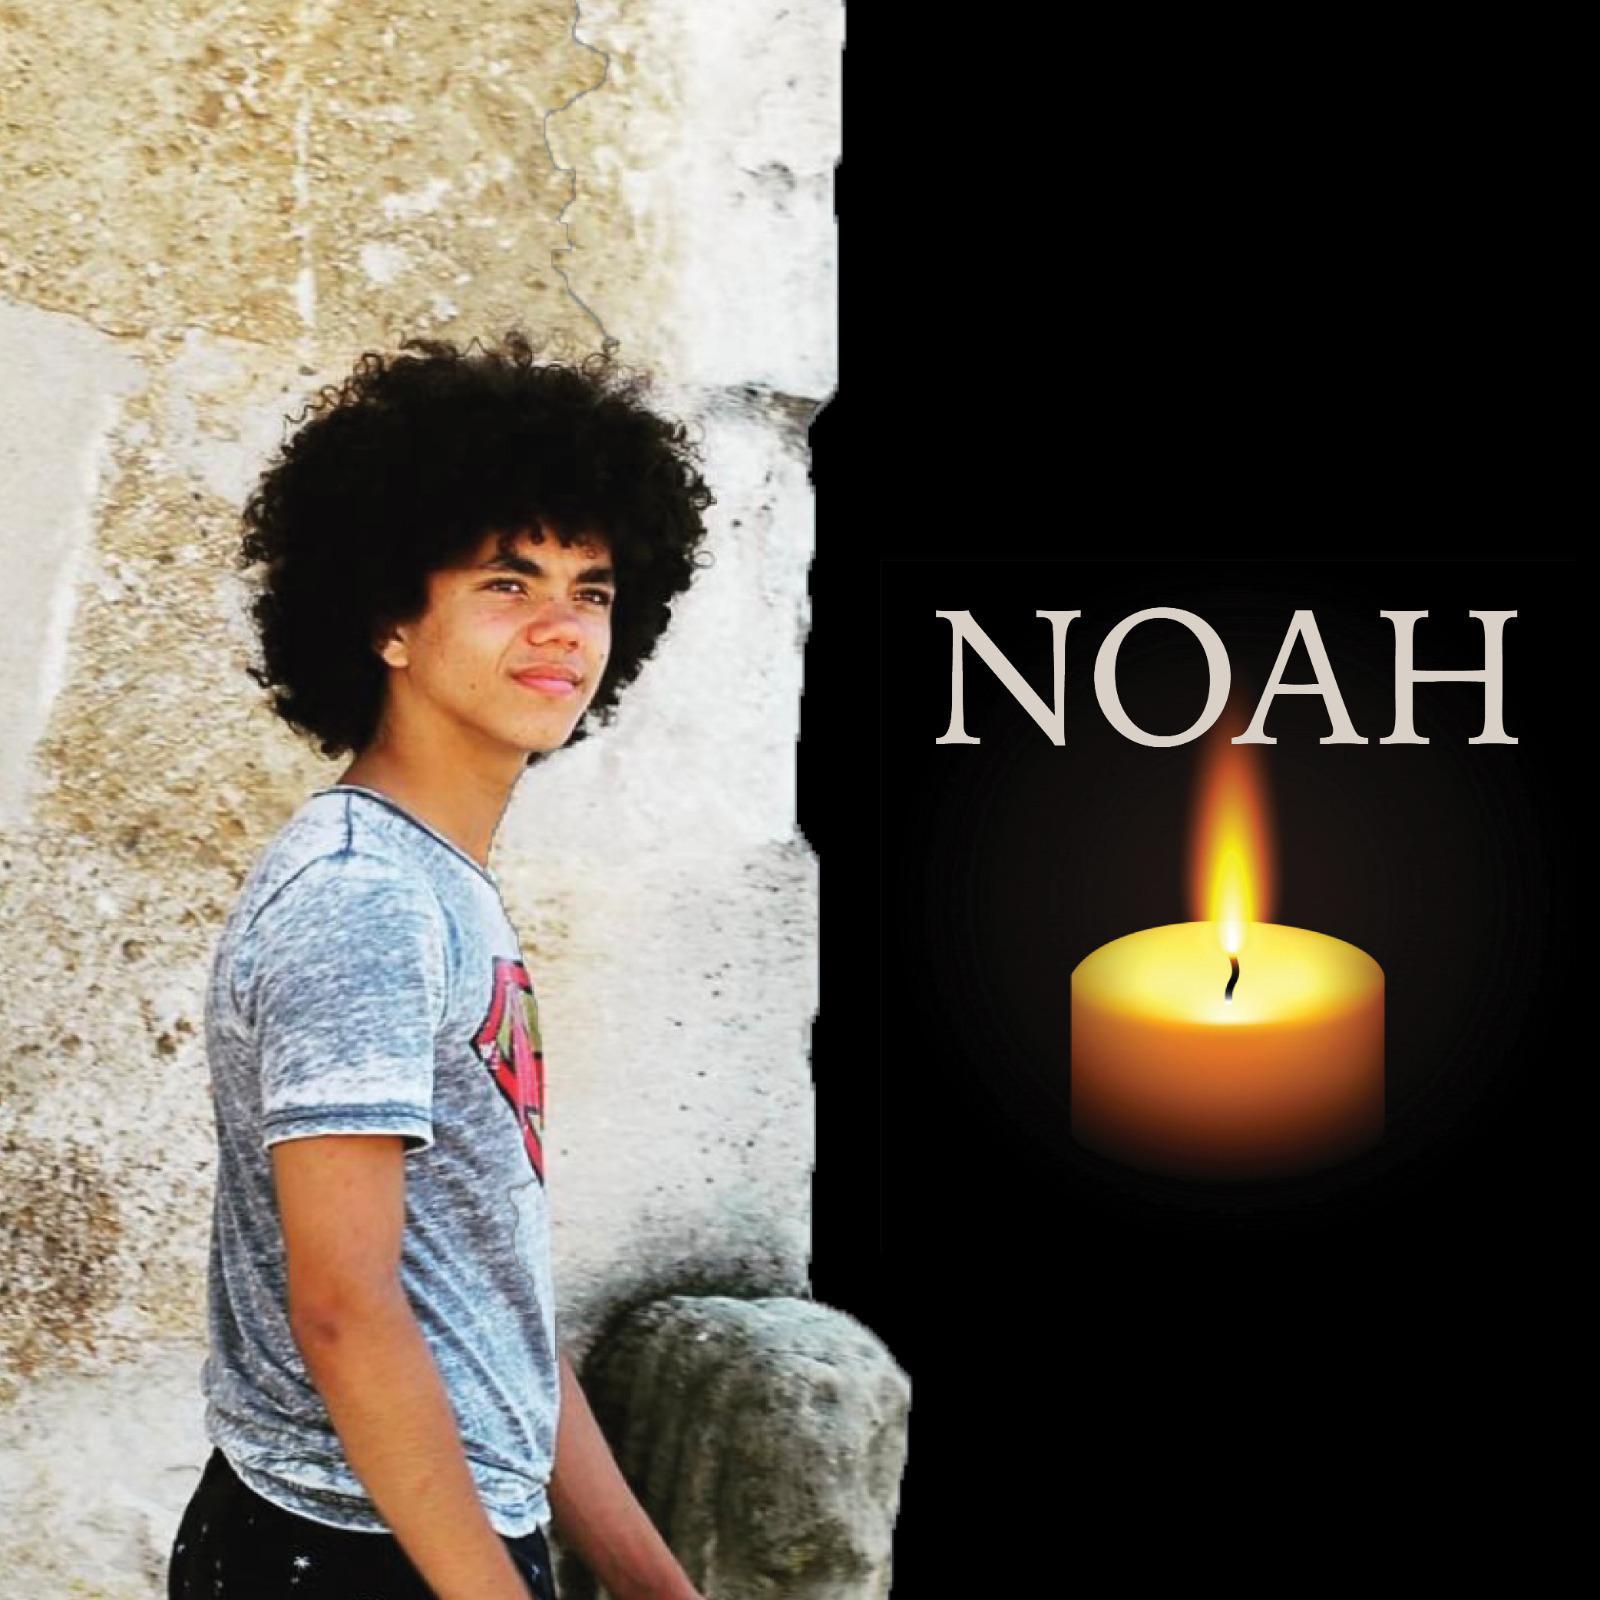 Een eerbetoon aan Noah op Omroep Vlaardingen